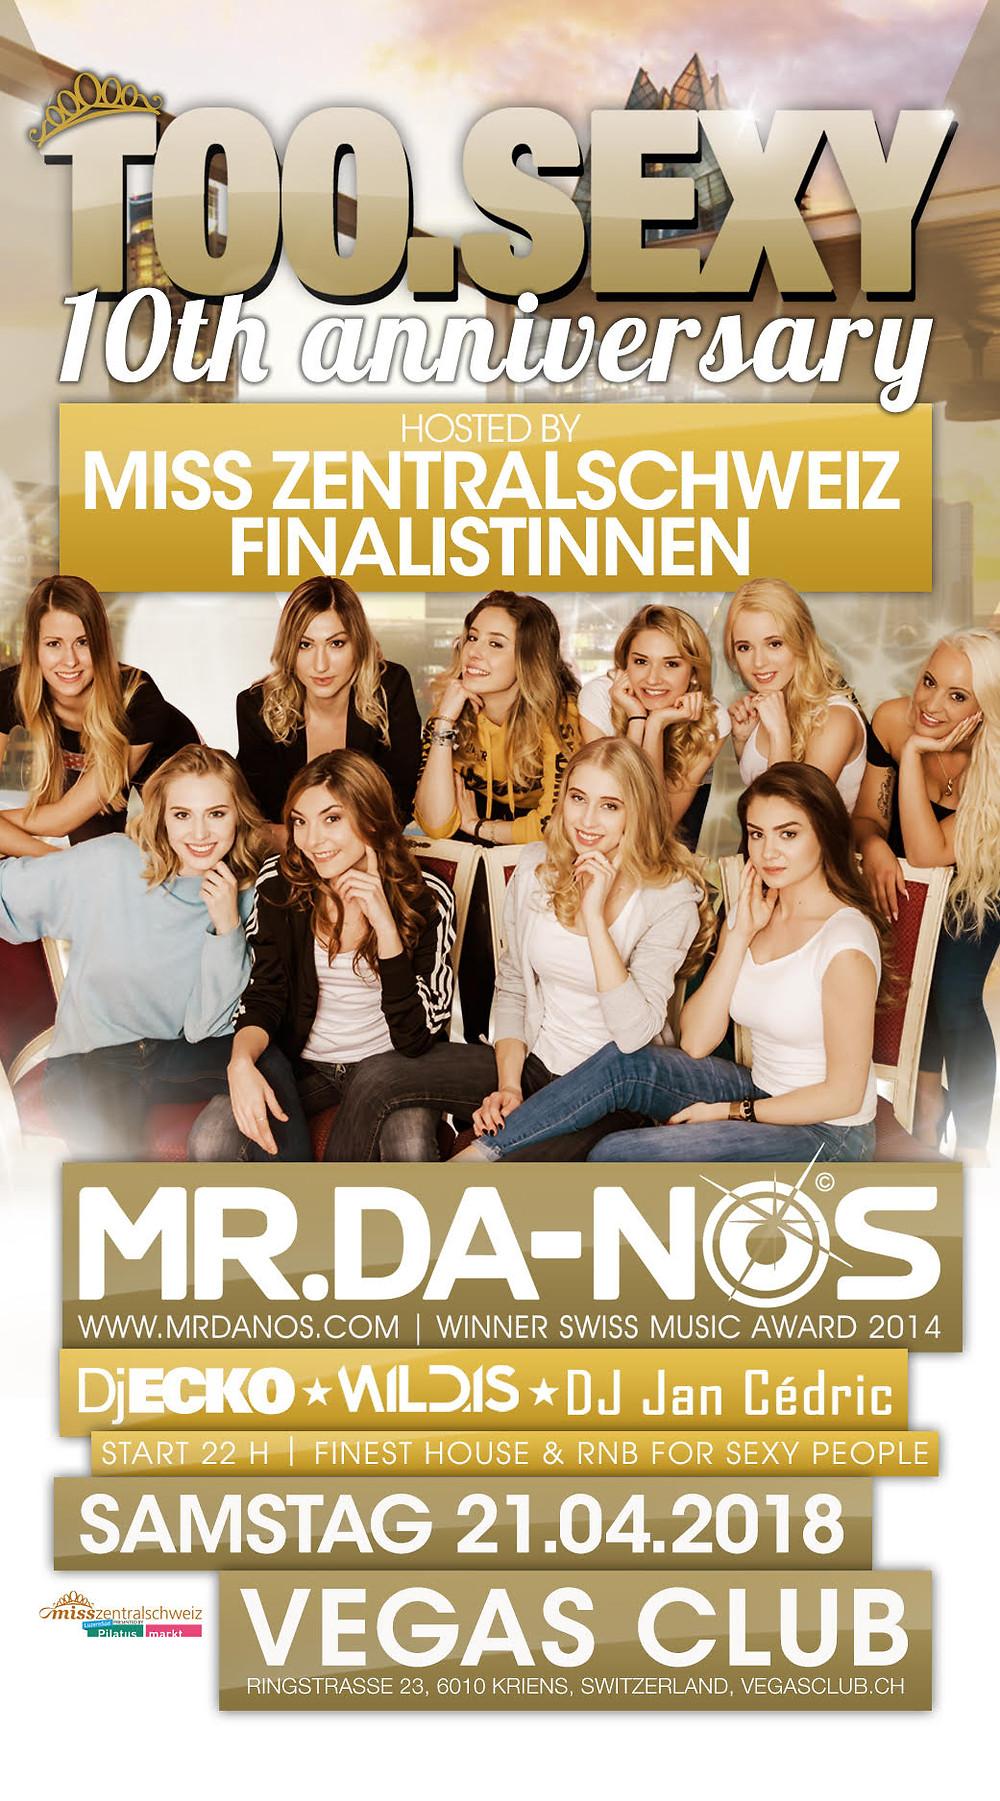 Miss Zentralschweiz Wahl 2018 -Vegas Club